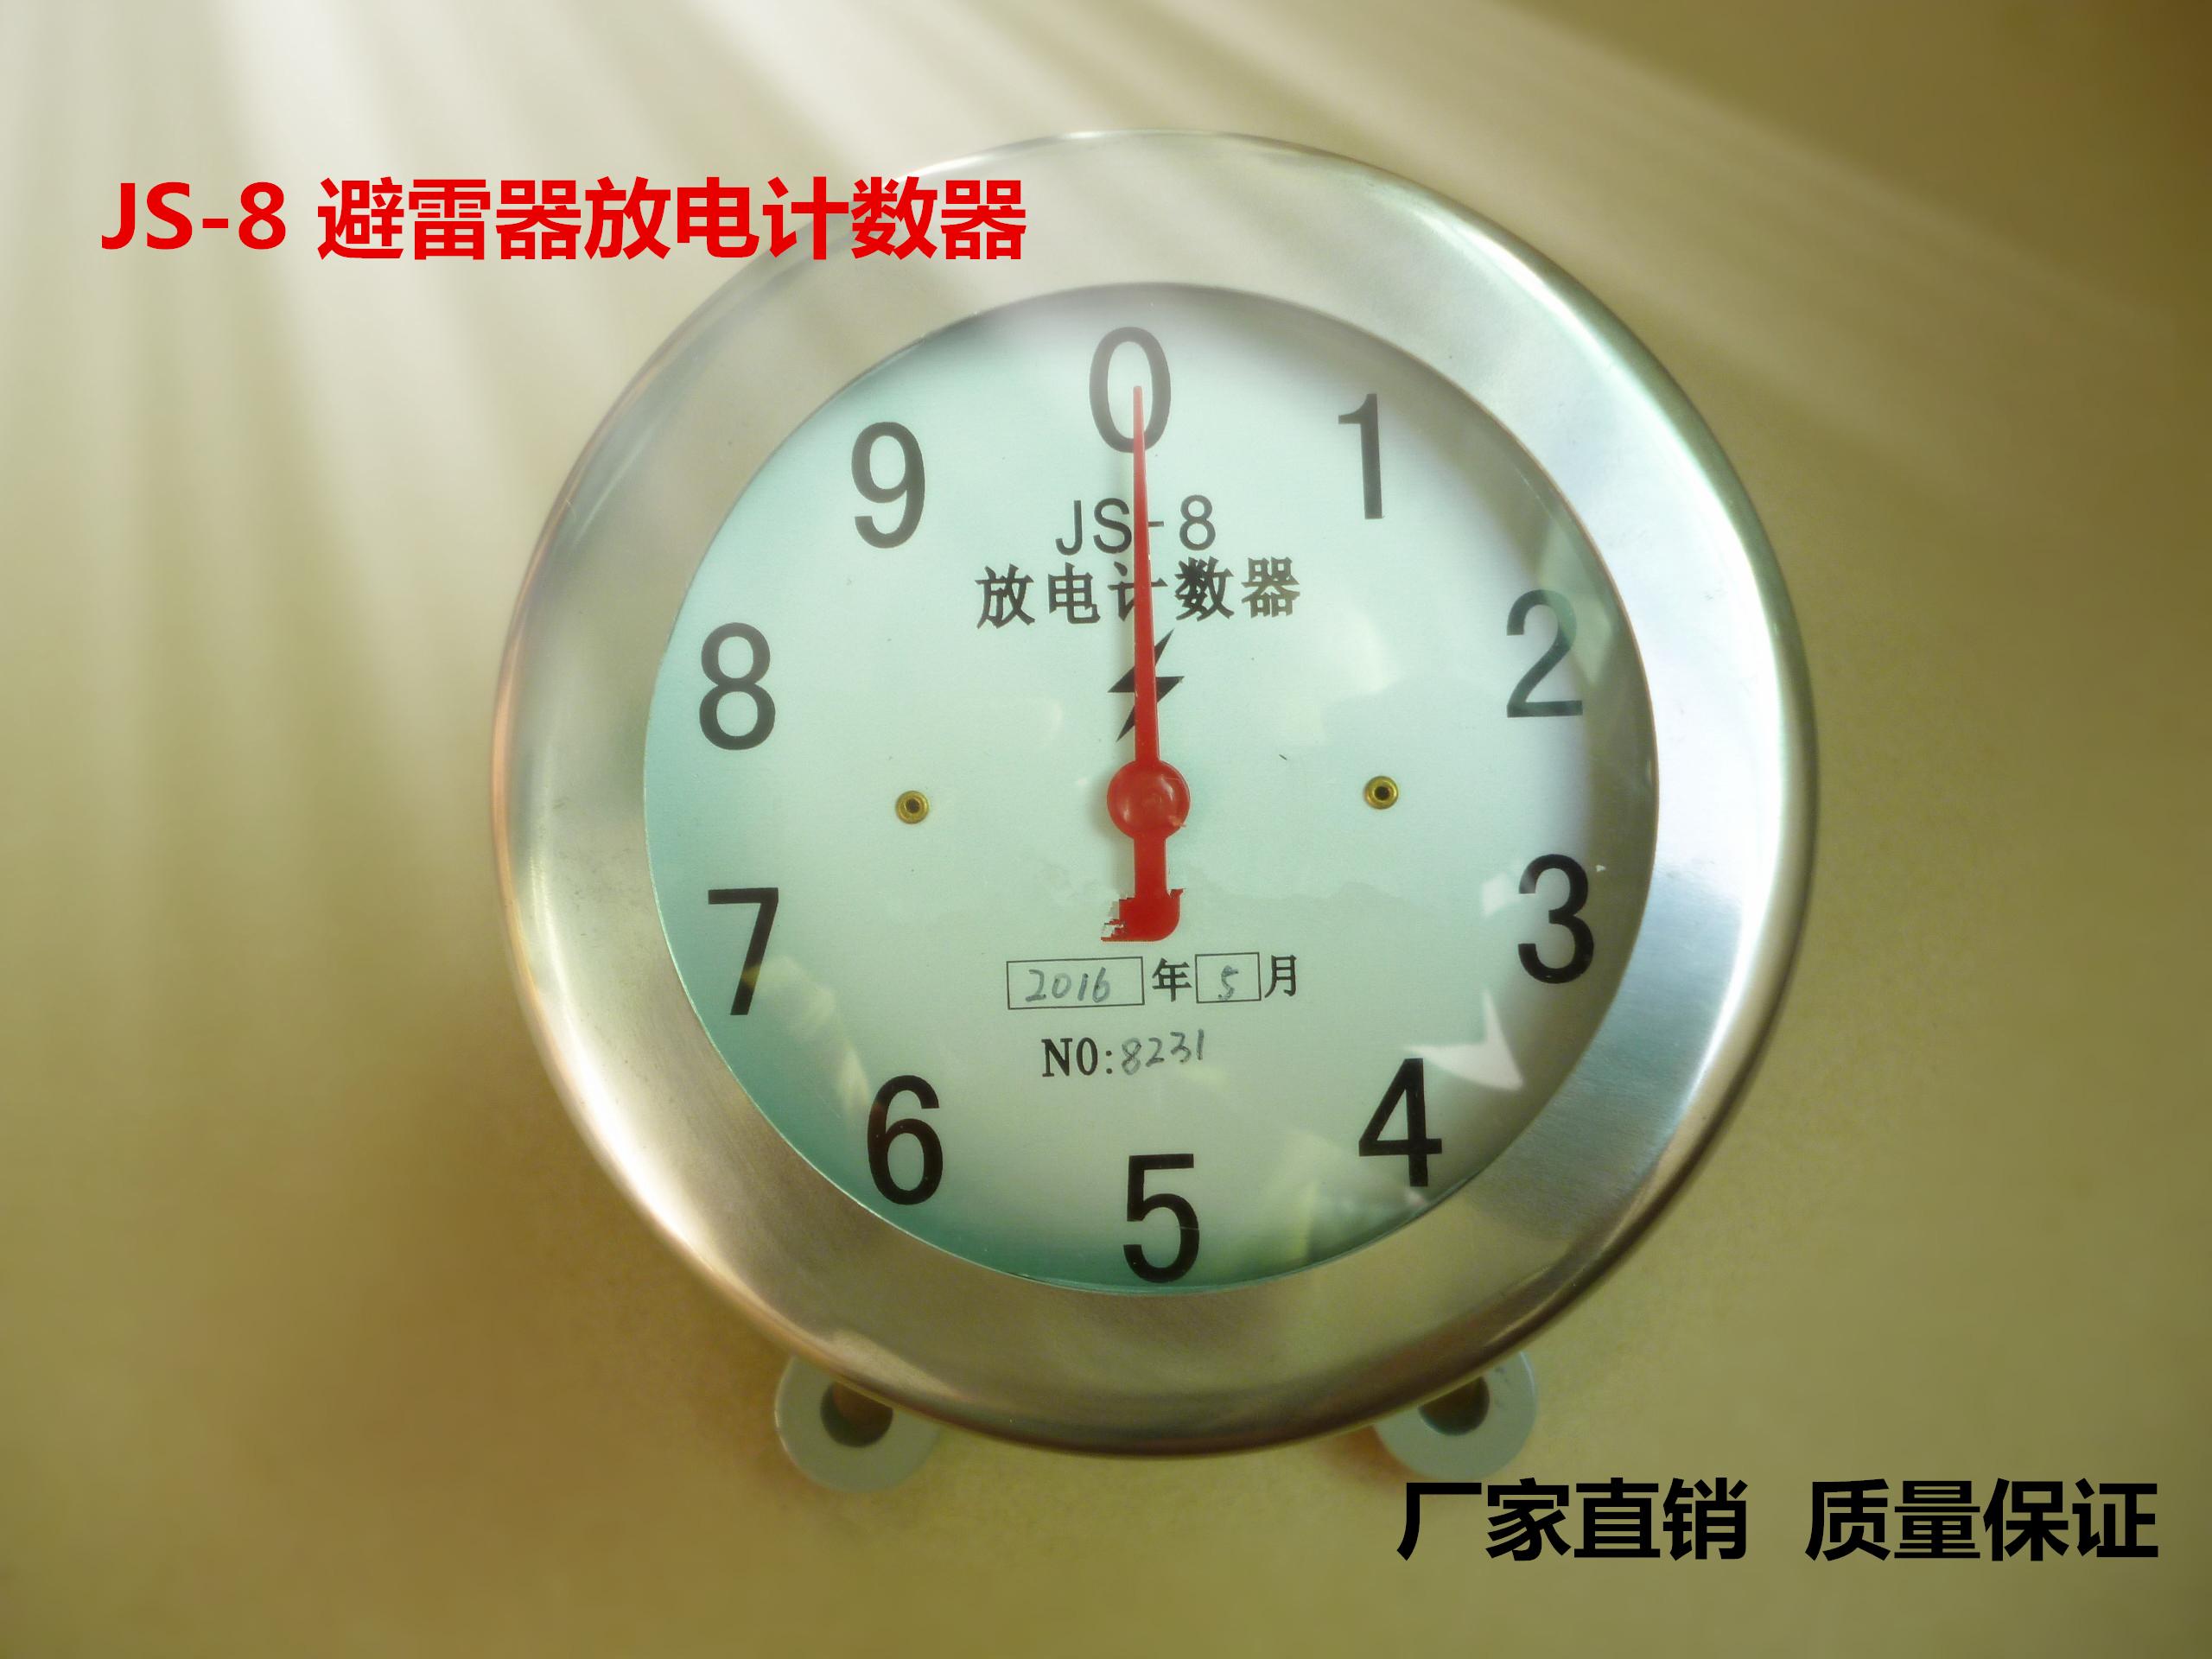 JS-8避雷器用放电计数器在线检测器